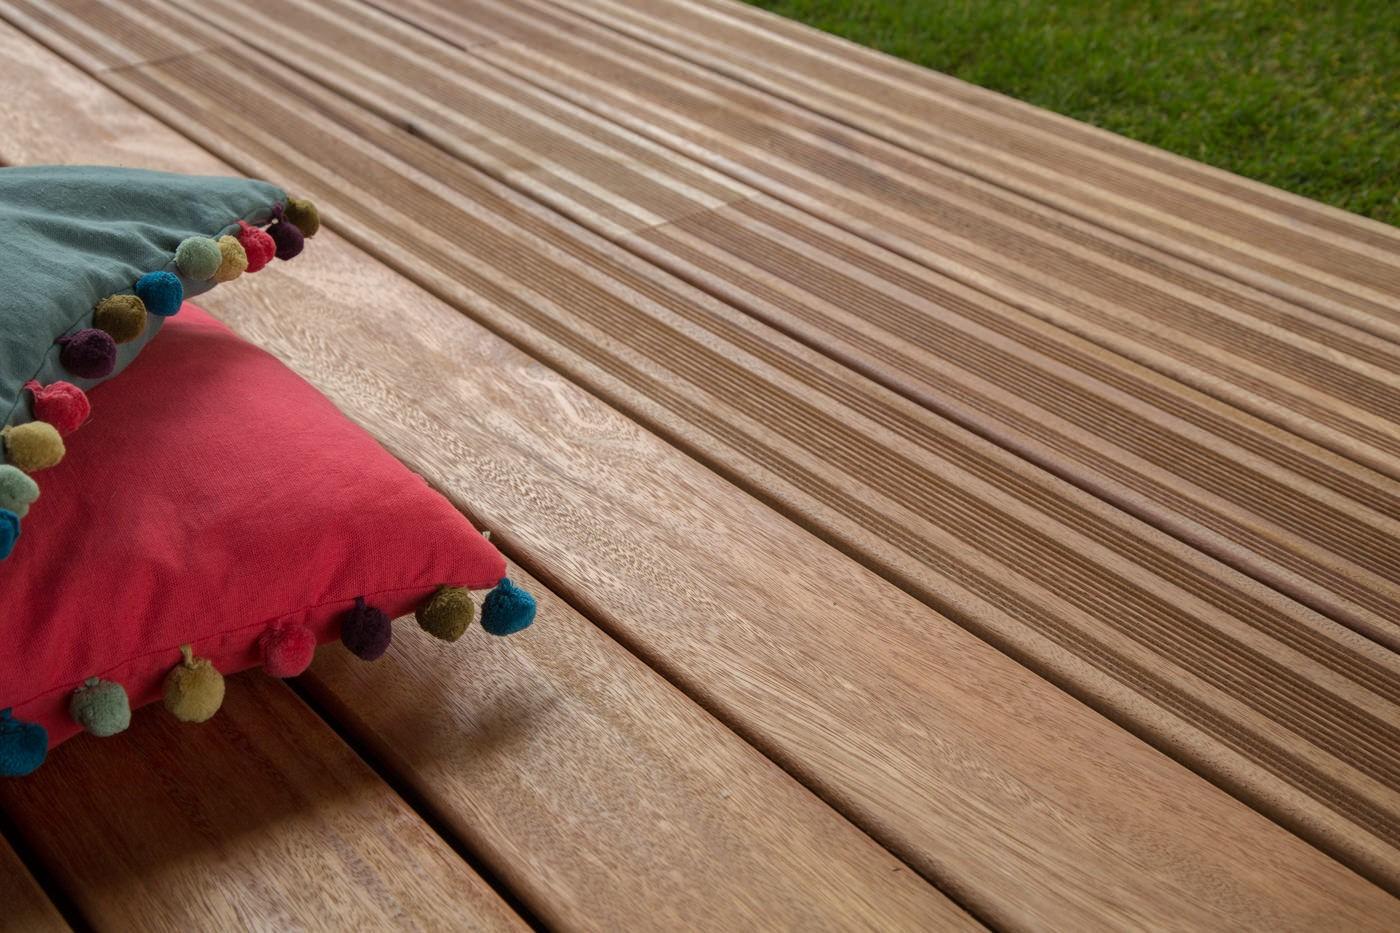 fixation lame terrasse bois attache de fixation clip terrasse bois composite forexia avec vis. Black Bedroom Furniture Sets. Home Design Ideas